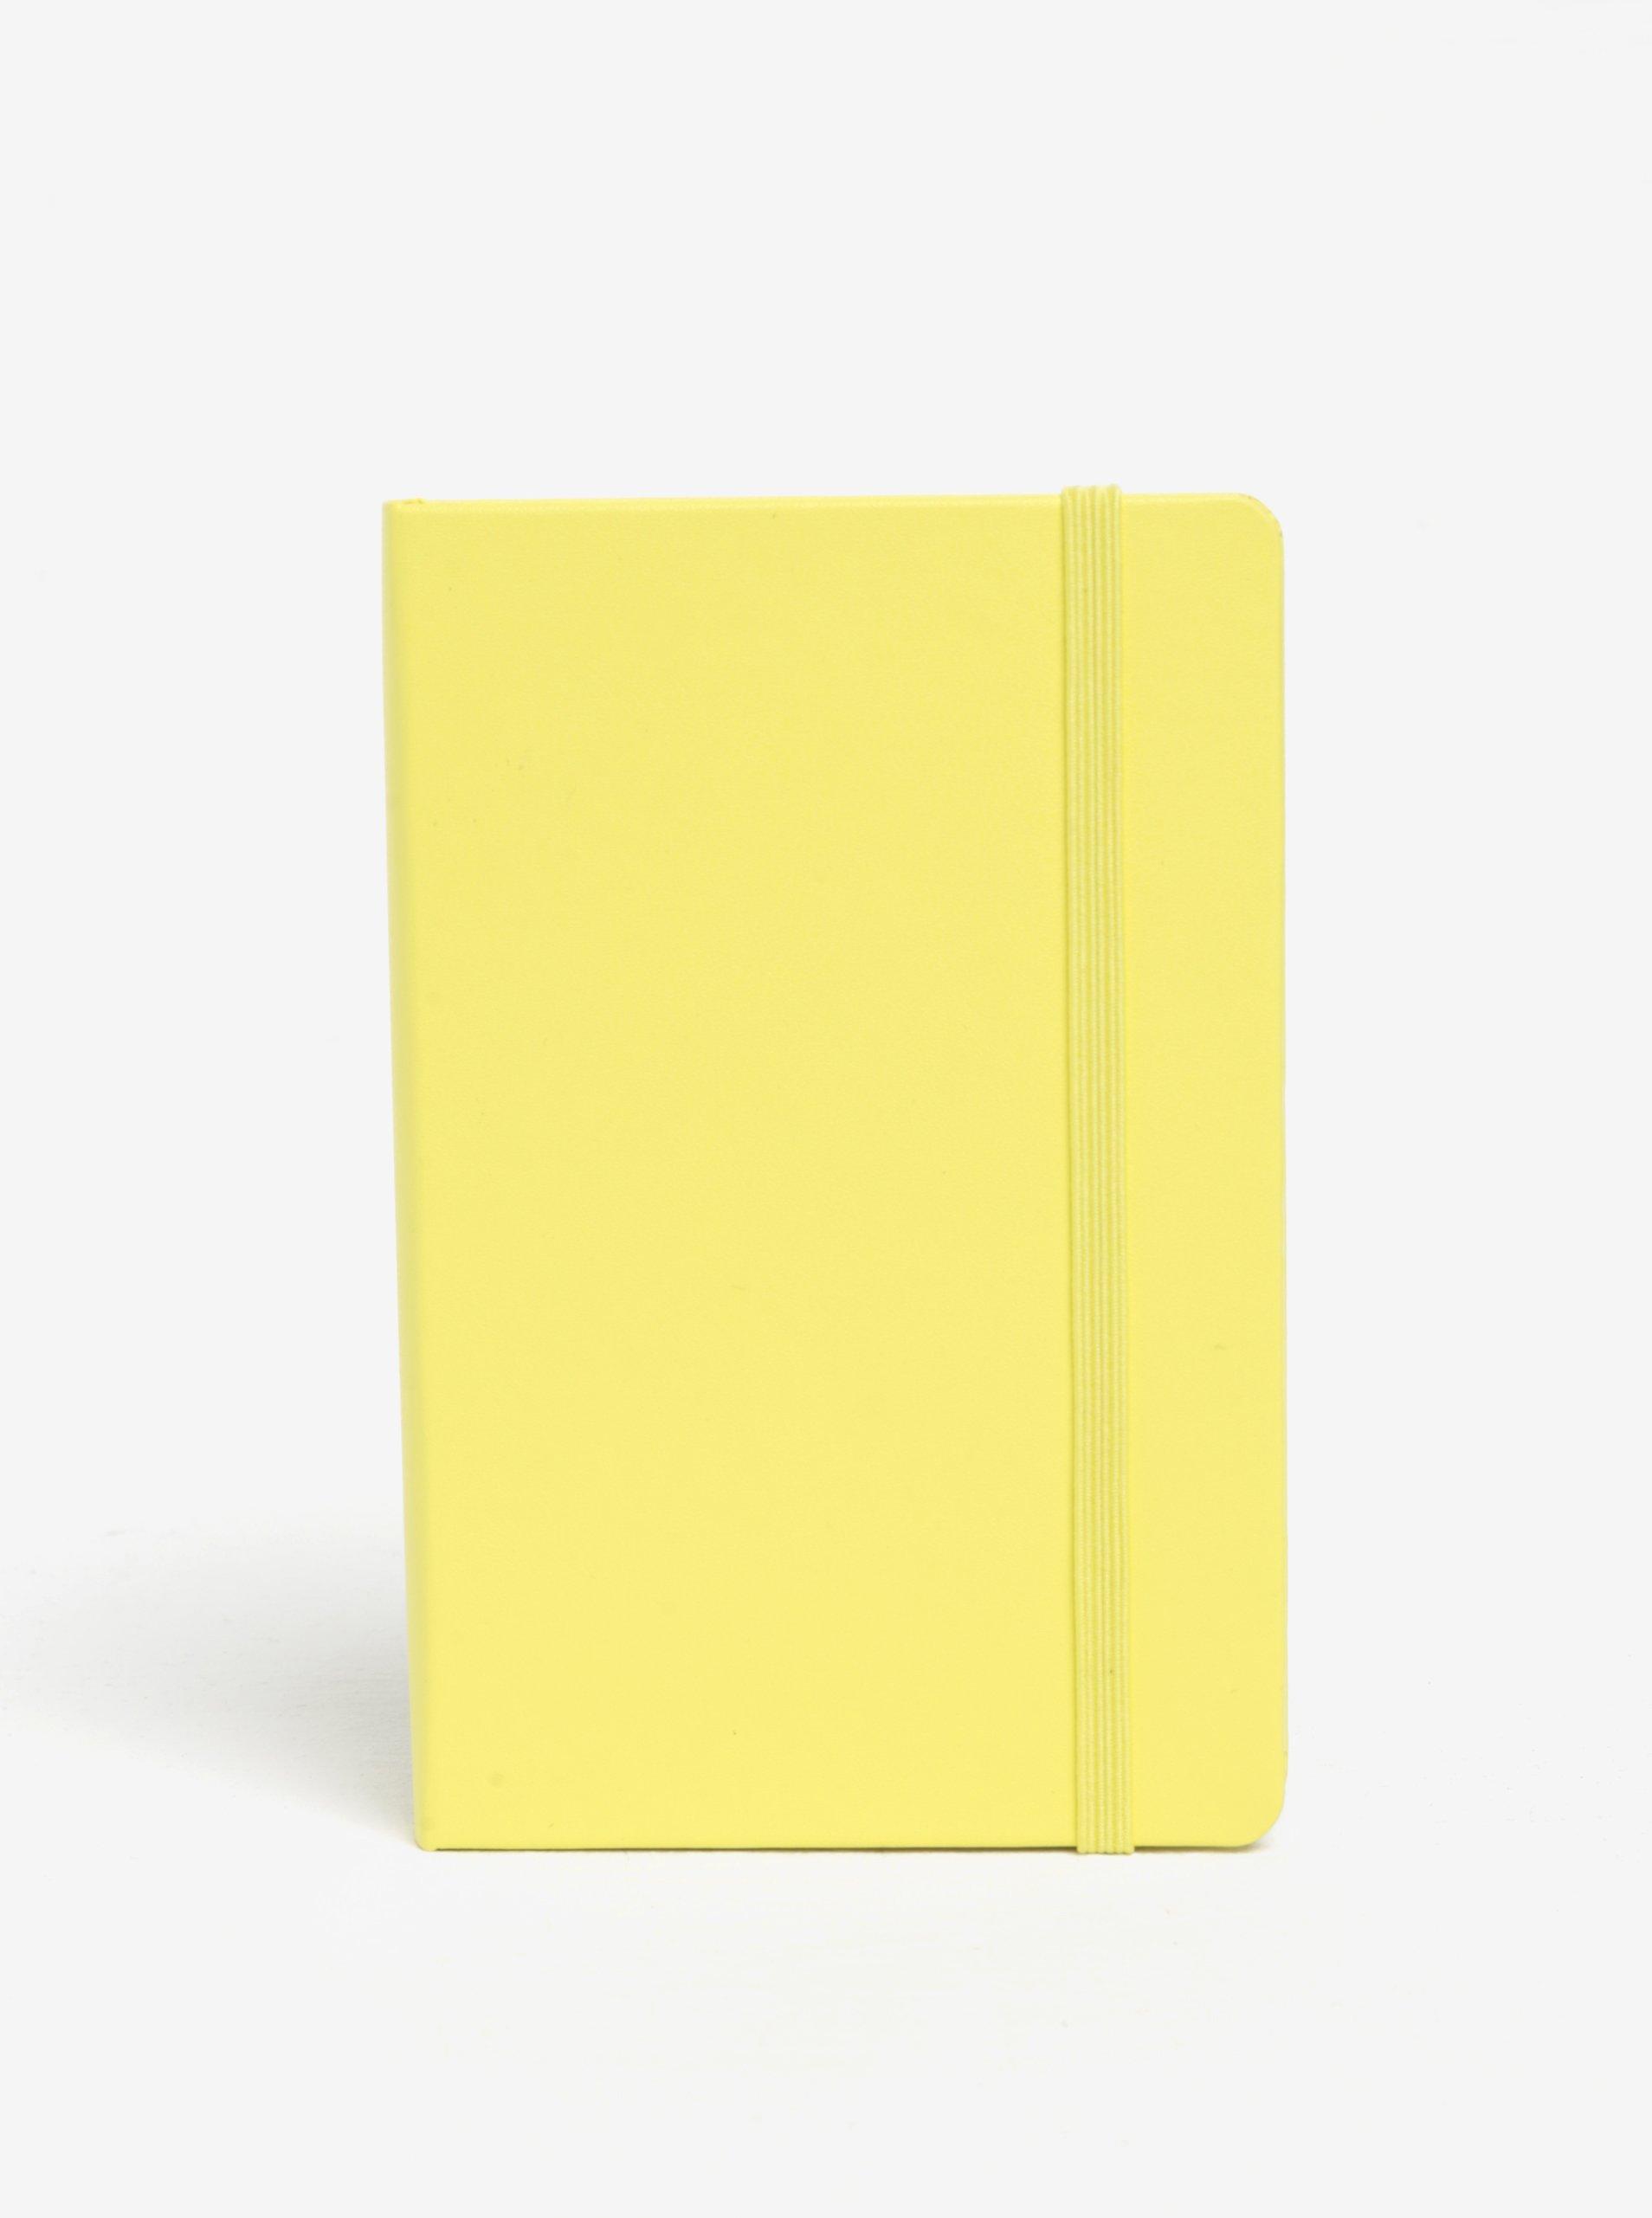 Žlutý malý nelinkovaný zápisník v měkké vazbě Moleskine